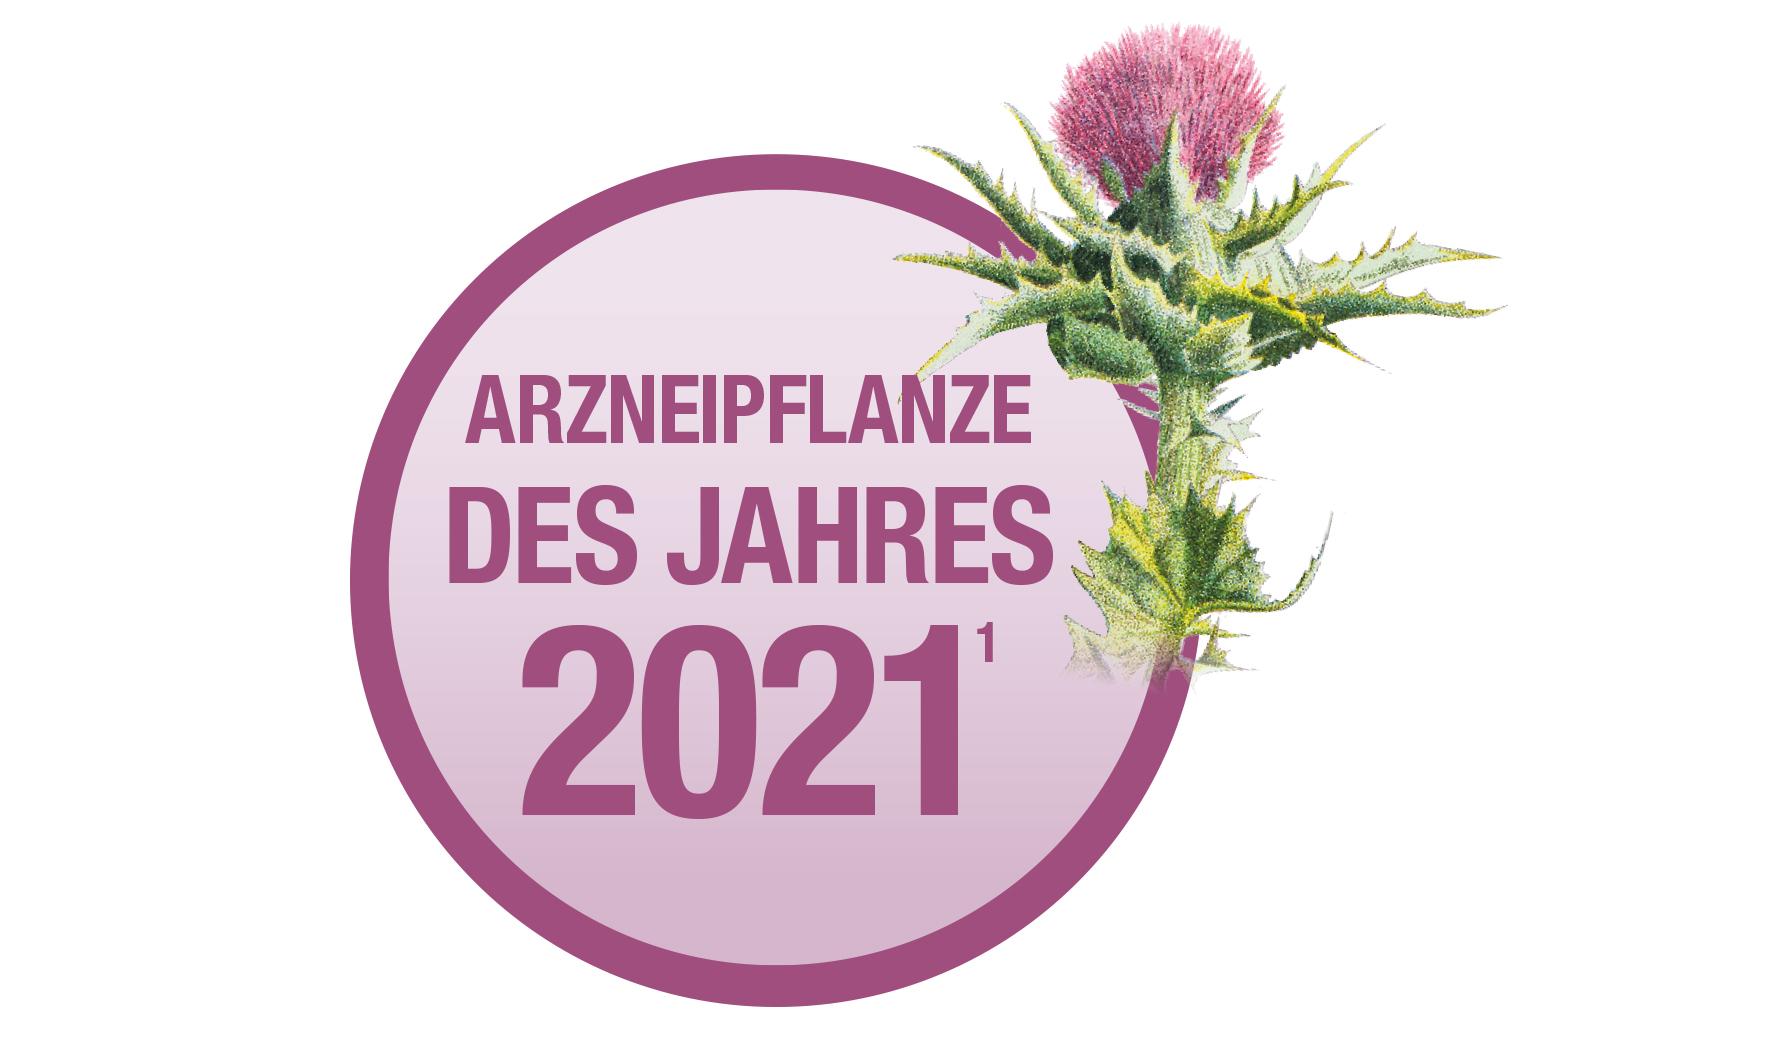 Mariendistel - Arzneipflanze des Jahres 2021